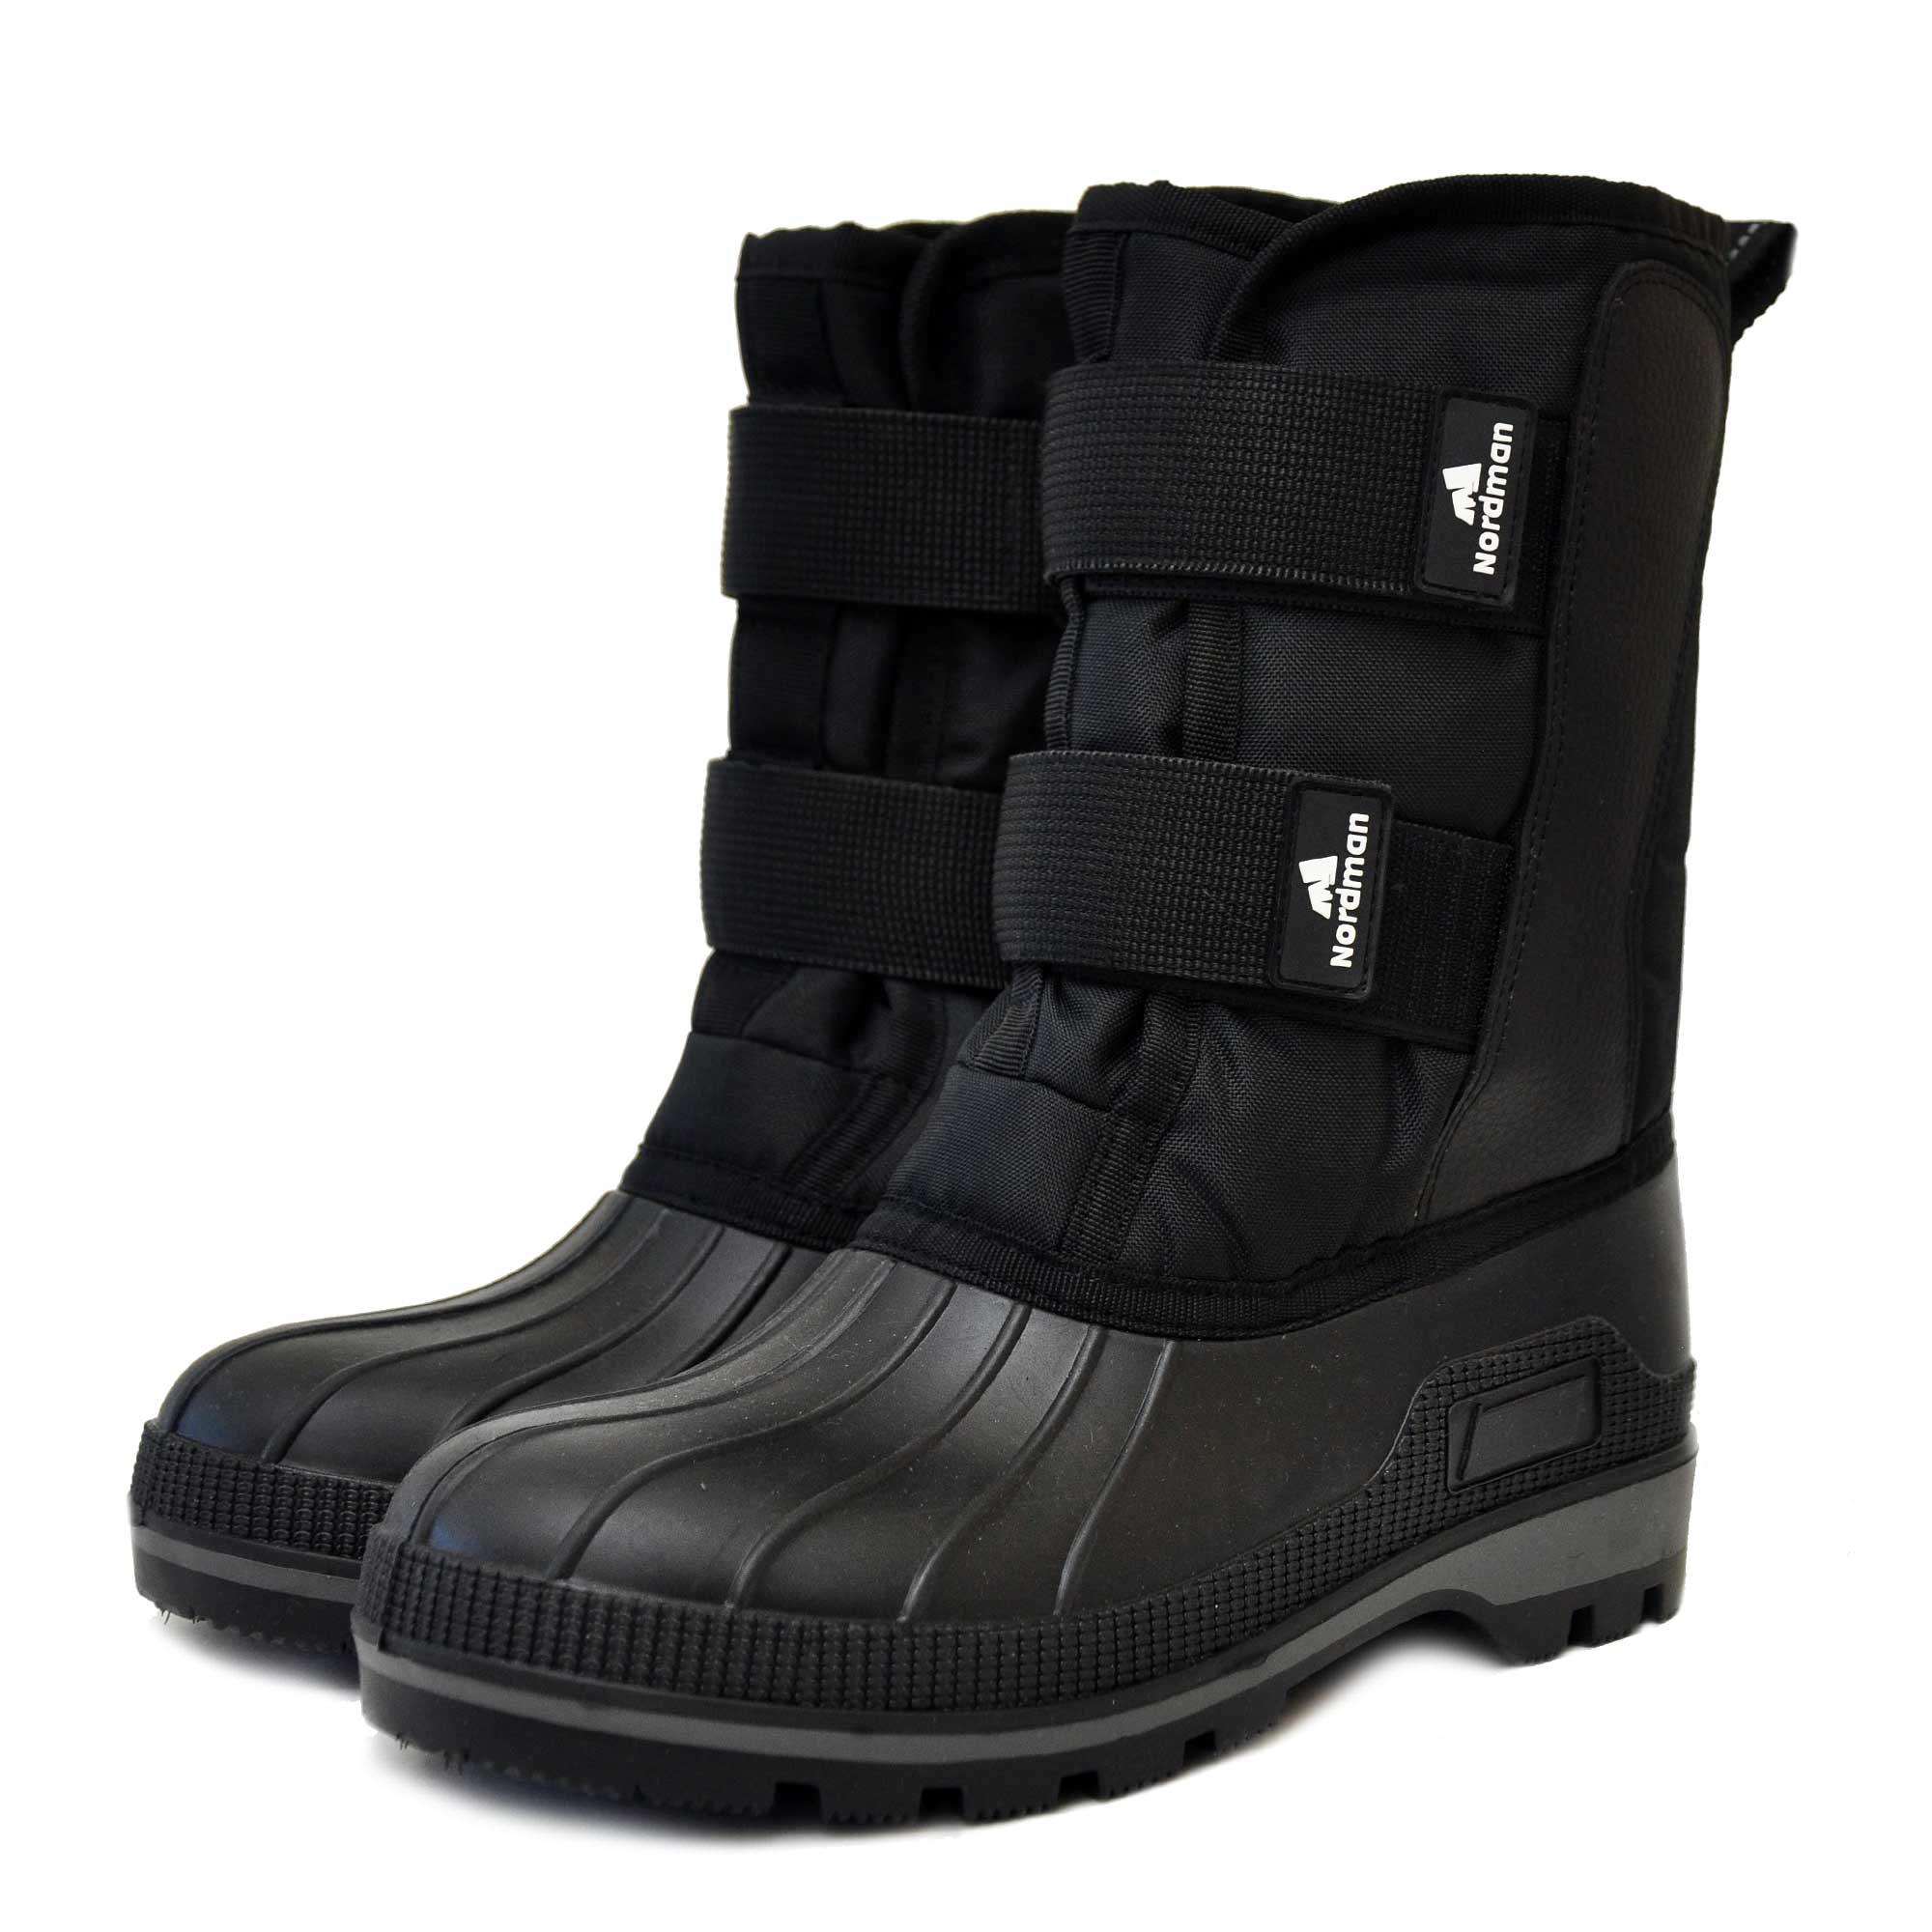 Ботинки для рыбалки Nordman Kraft на липучках, черные, 41 RU